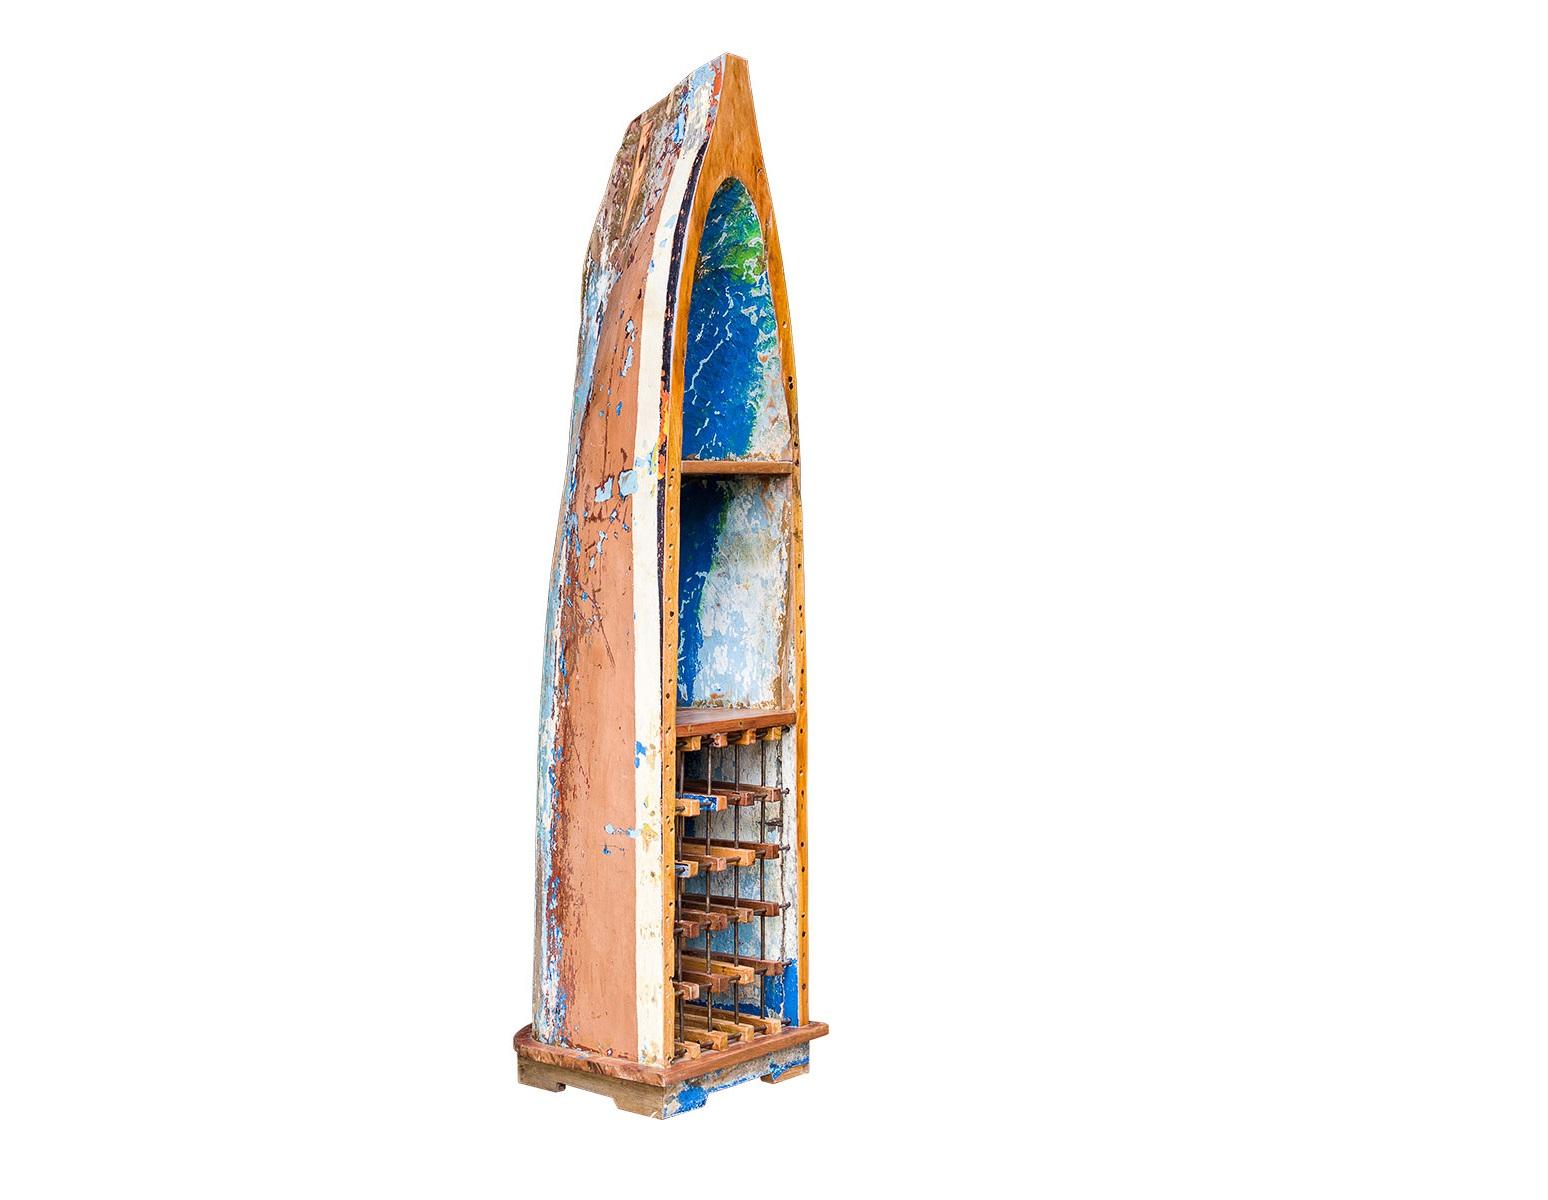 Лодка для вина ЛаперузВинные шкафы<br>&amp;lt;div&amp;gt;Если память хранит наши воспоминания, то вкус вина хранит ощущения и переживания. Лодка&amp;amp;nbsp;&amp;quot;Лаперуз&amp;quot; станет борт-проводником для создания ностальгической атмосферы. Представьте, как вы открываете бутылку, привезенную из путешествия, и мысленно перемещаетесь в то время. Приятные эмоции и легкая улыбка обеспечены.&amp;lt;/div&amp;gt;&amp;lt;div&amp;gt;&amp;lt;br&amp;gt;&amp;lt;/div&amp;gt;Винный шкаф выполнен из старой рыбацкой лодки классической правильной формы с сохранением оригинальной многослойной окраски.<br>Хранит до 15 бутылок. <br>Подходит для использования как внутри помещения, так и снаружи. <br>Сборка не требуется. <br>Покрытие: шеллак <br>Материал: массив тика (махогони, суара)<br><br>Material: Тик<br>Length см: 58<br>Width см: 51<br>Height см: 222